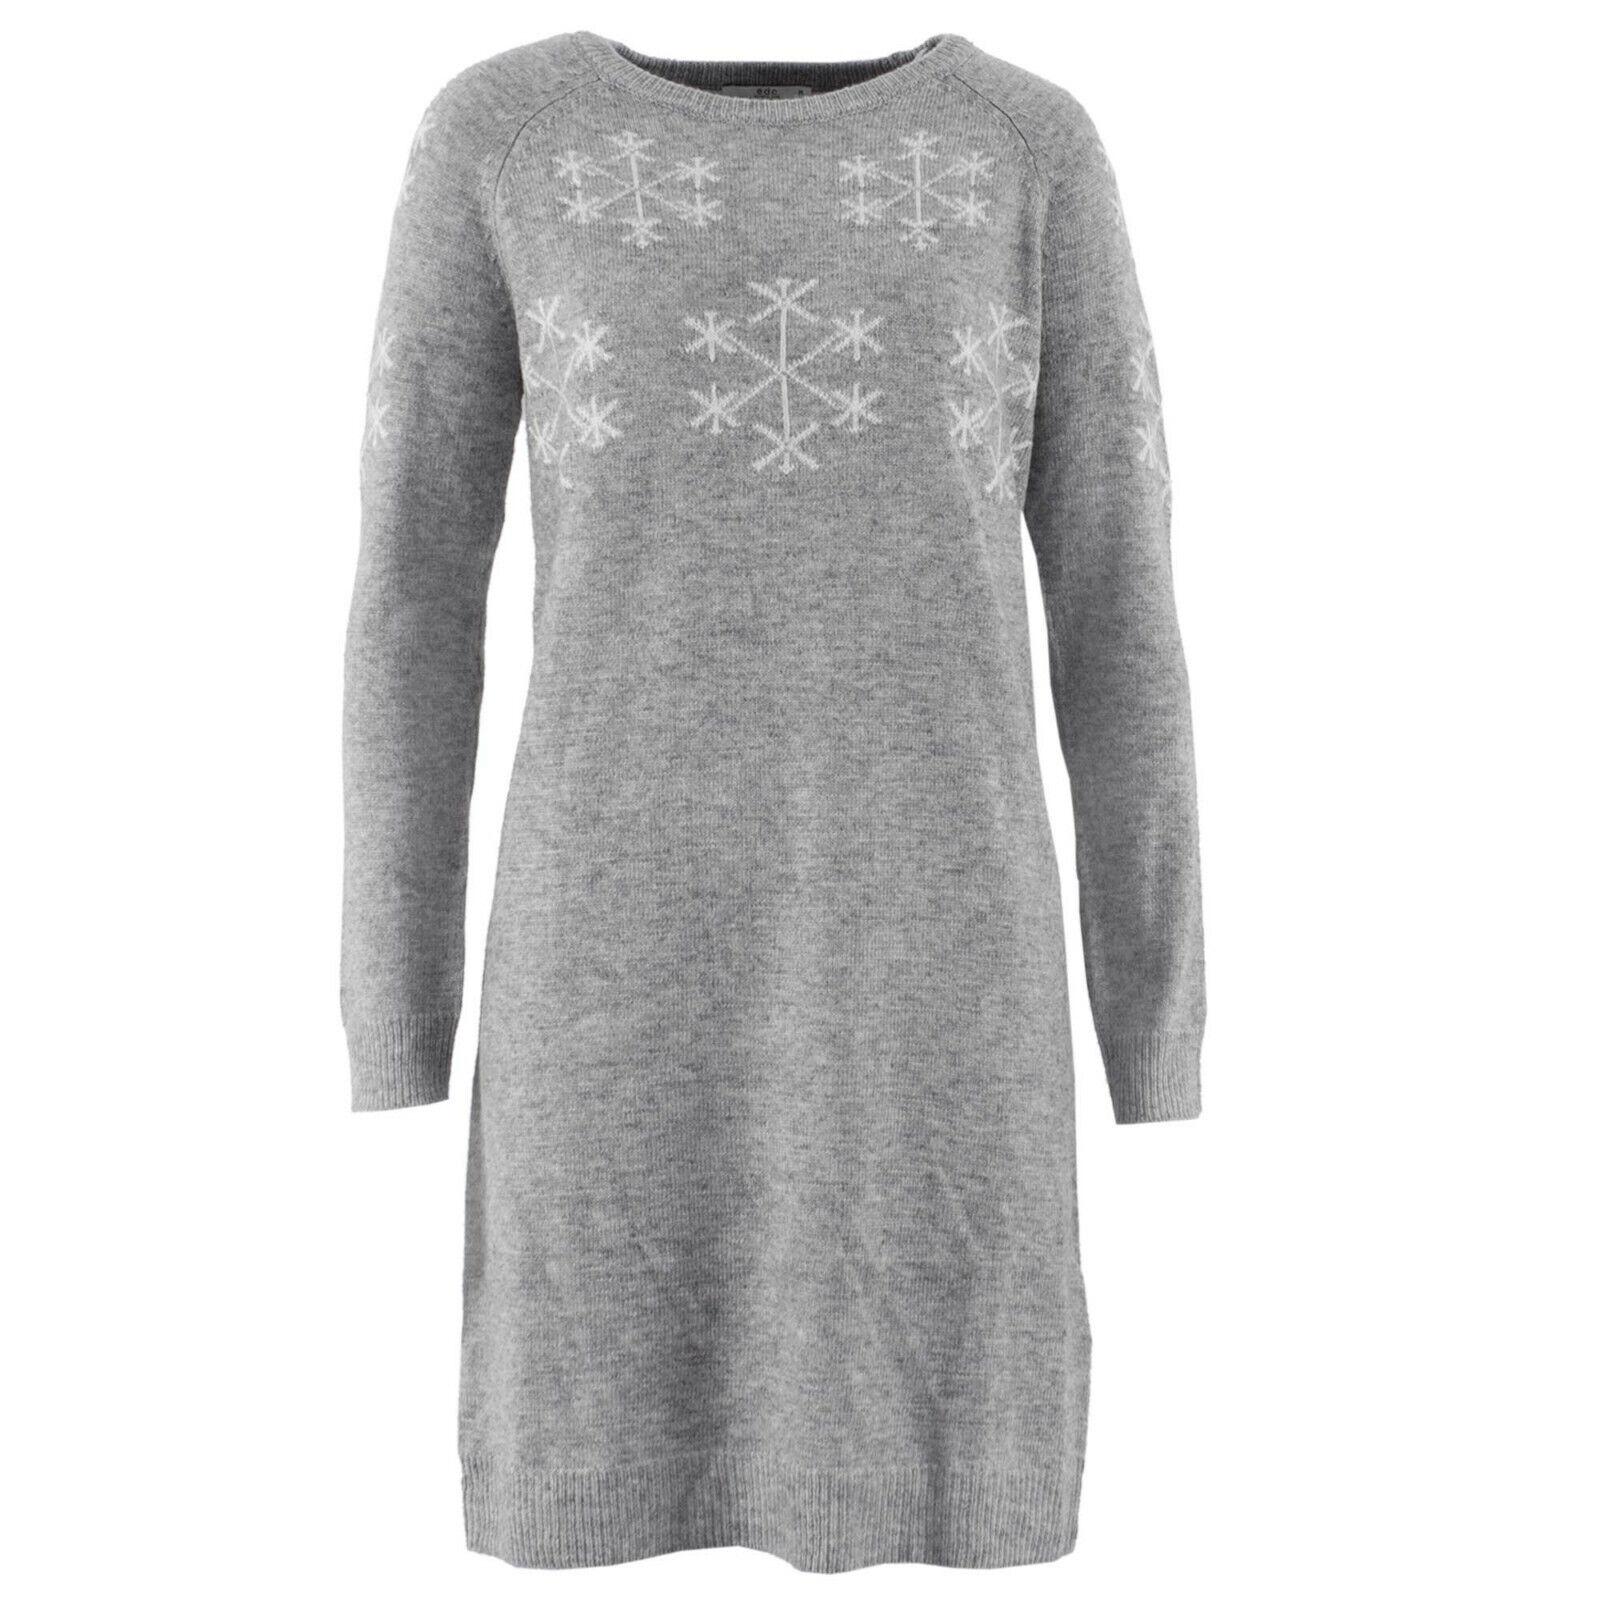 ESPRIT Damen Strickkleid 118CC1E001 Grau meliert Schneeflocke   M (38)   Kleid